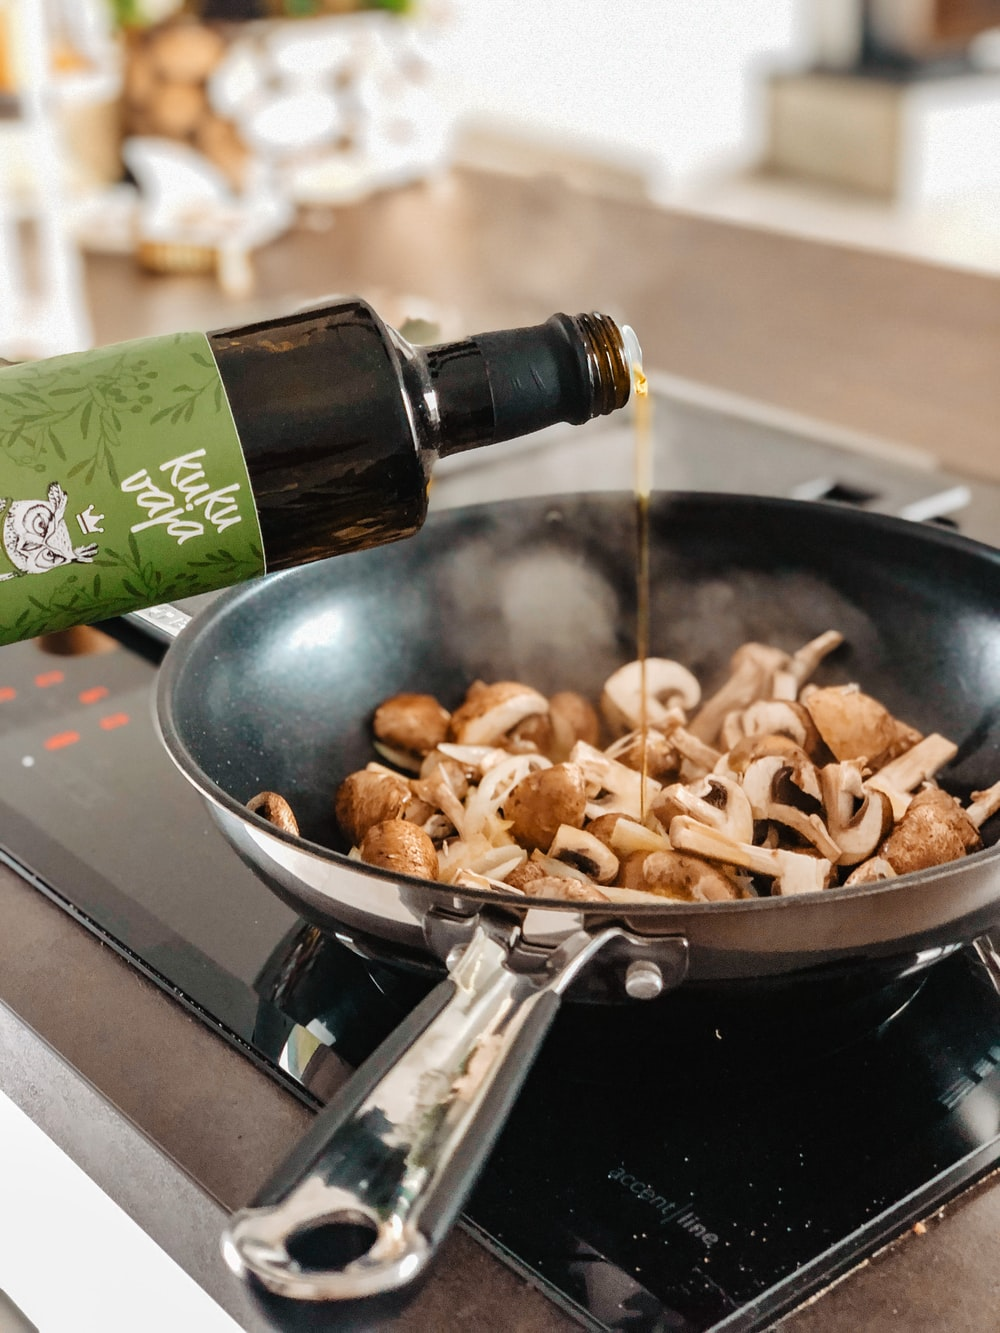 brown and black mushroom on black frying pan